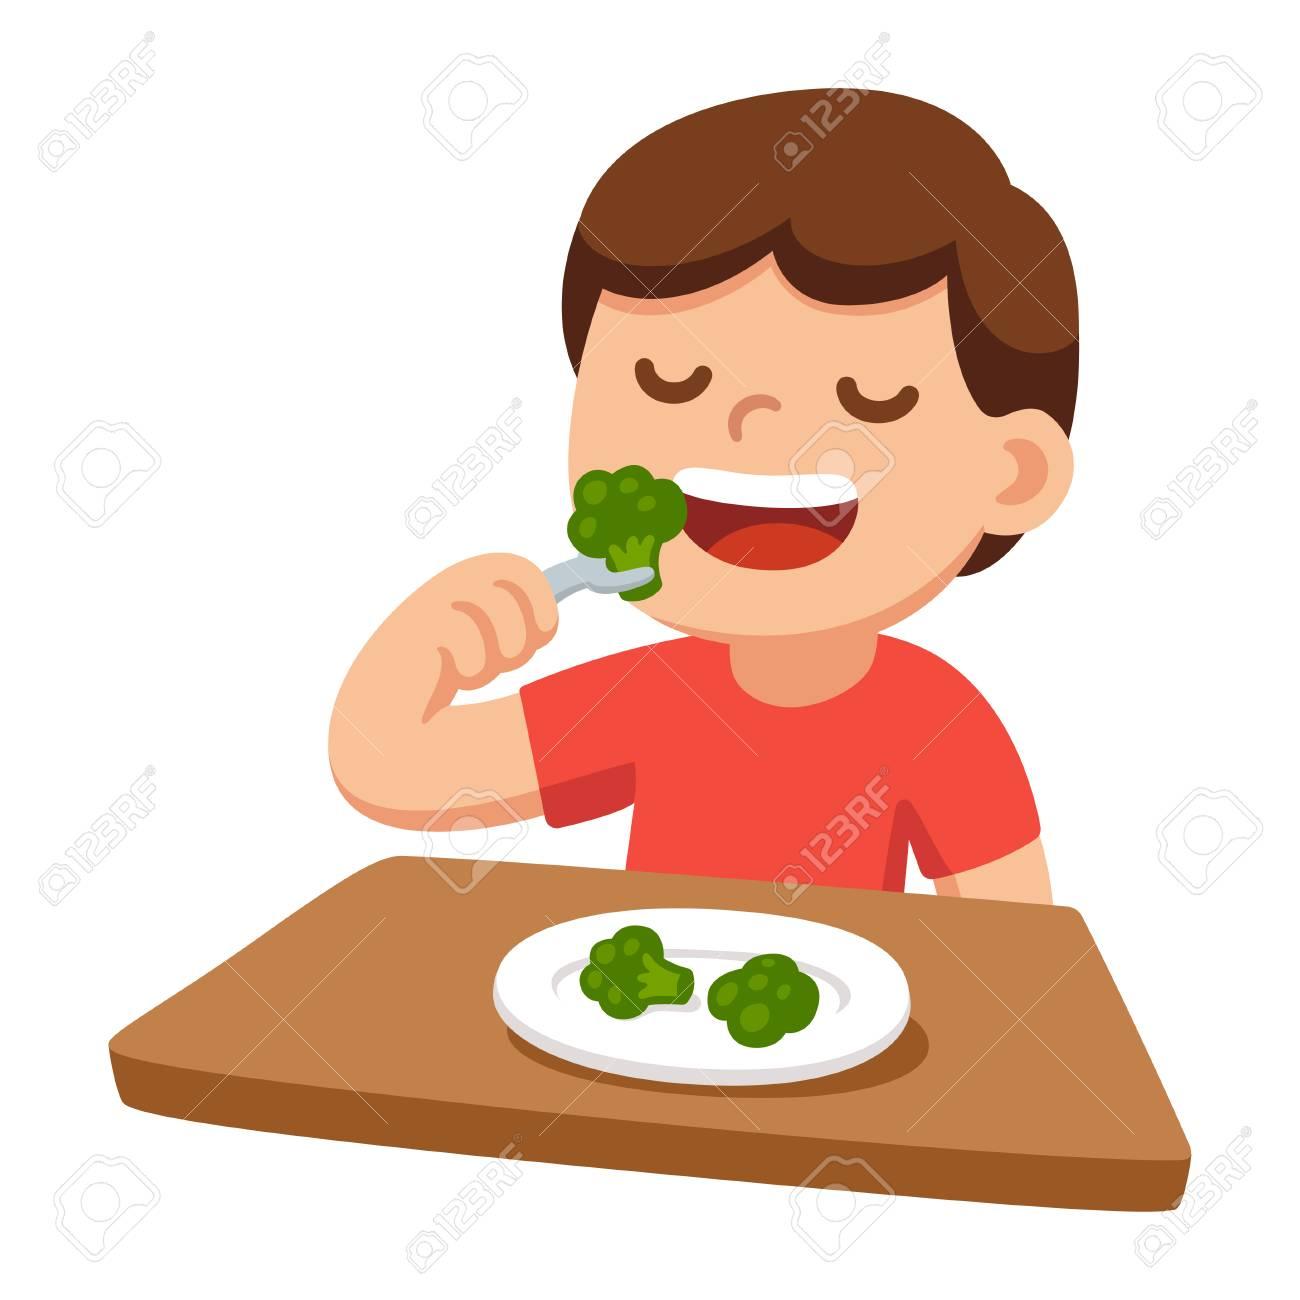 Cute Dibujos Animados Niño Feliz Comiendo Brócoli Comida Sana Y Niños Ilustración Vectorial Ilustraciones Vectoriales Clip Art Vectorizado Libre De Derechos Image 90904627